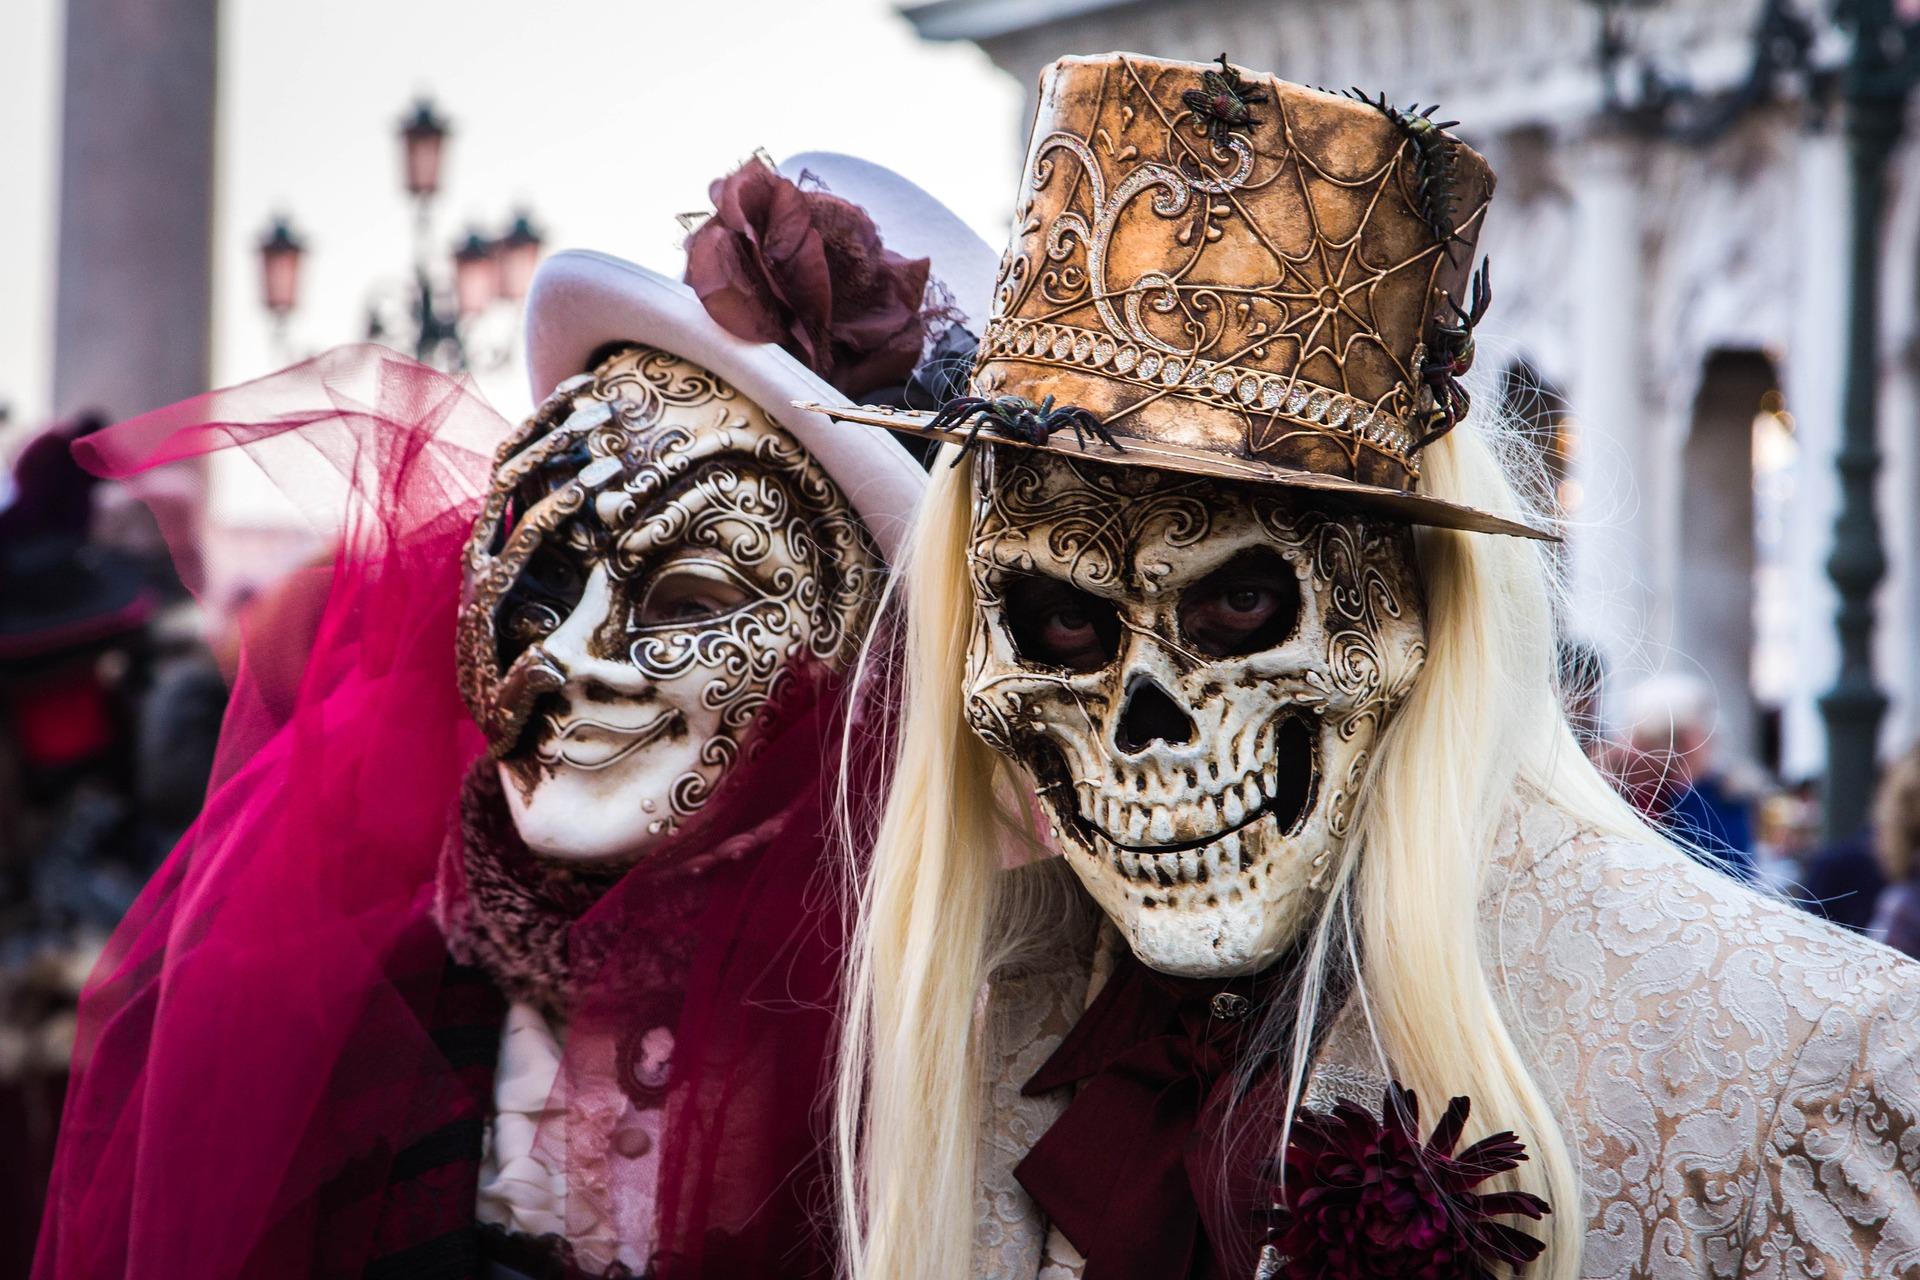 Carnaval de Venecia, Italia carnaval de venecia - 26495360398 ae0f324177 o - Carnaval de Venecia : la historia y elegancia toman la calle